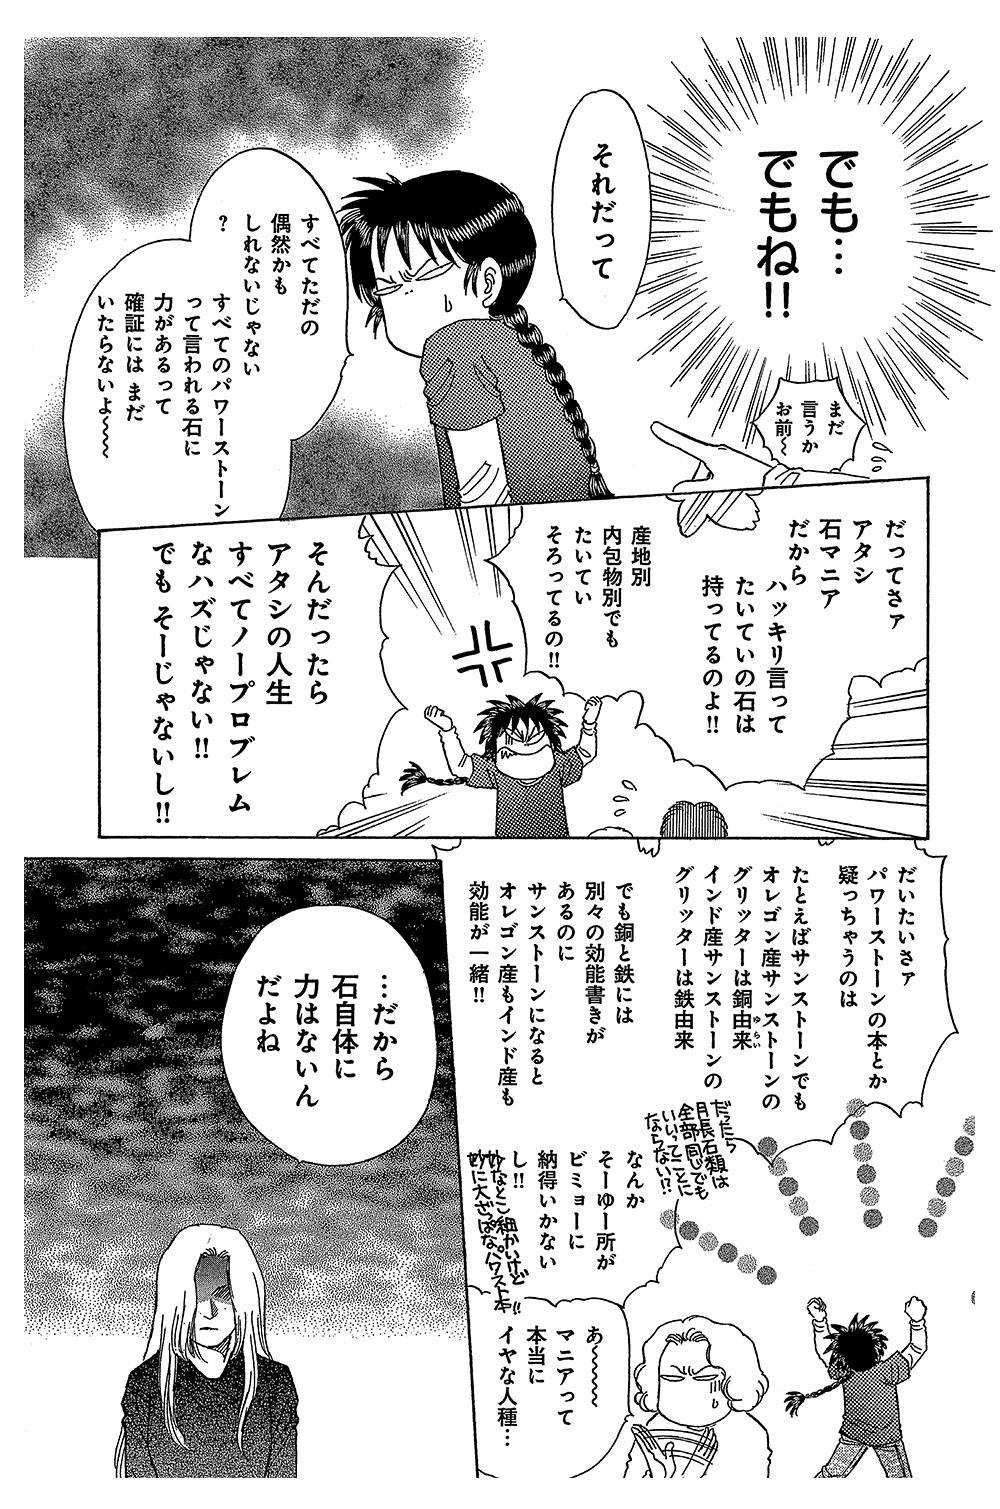 オカルト万華鏡 第1話 ②oka15.jpg